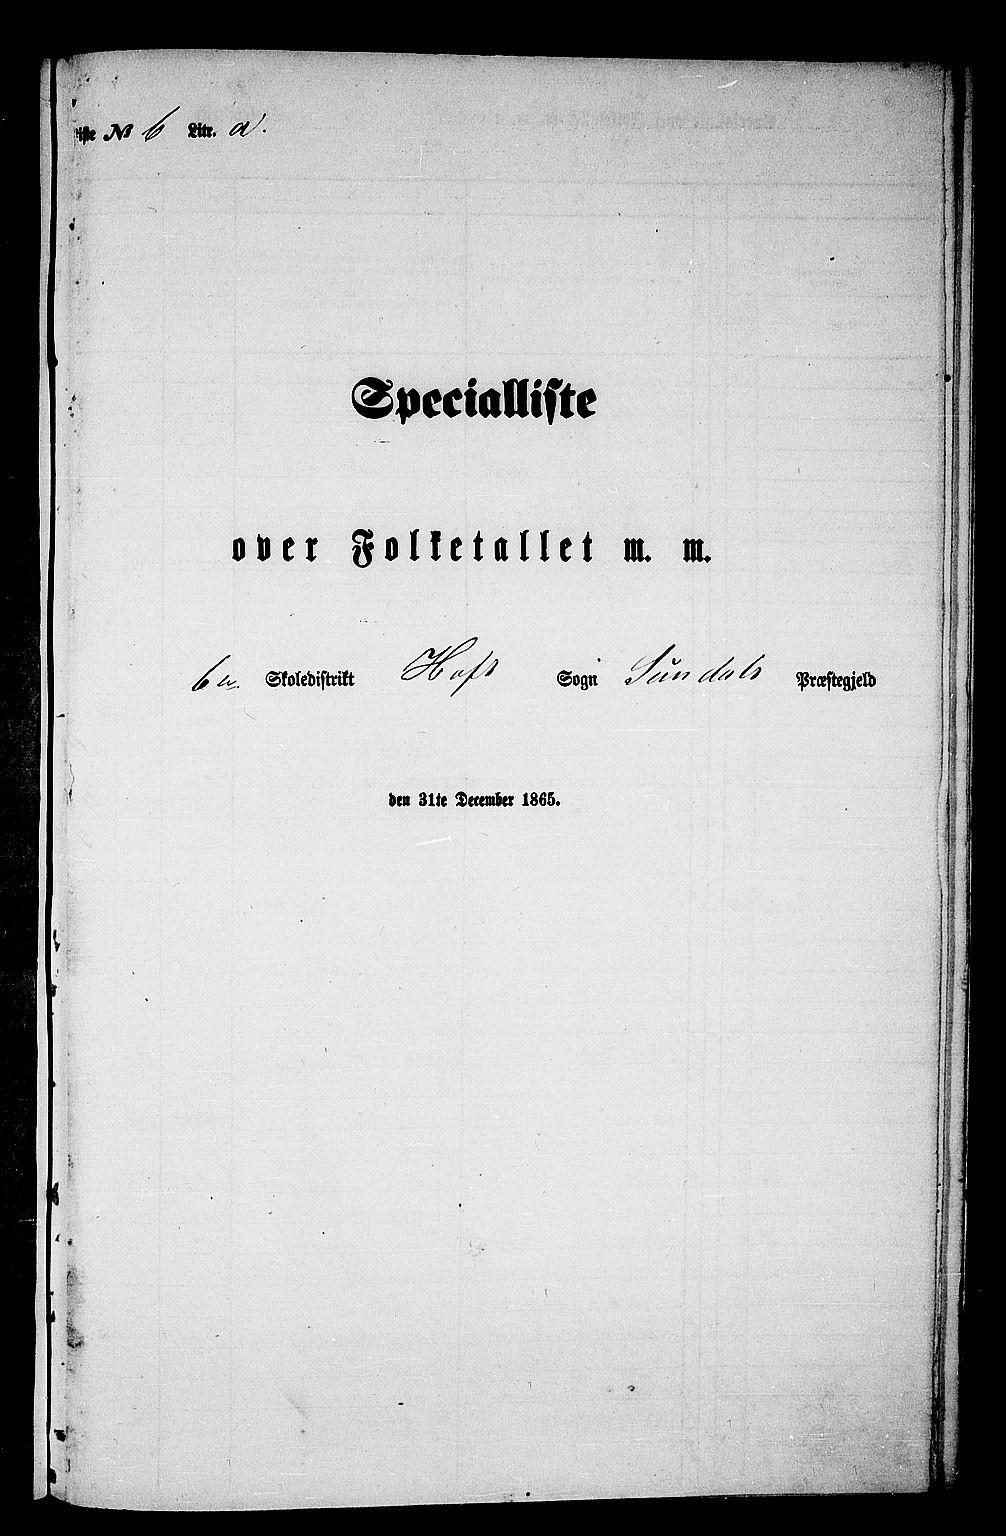 RA, Folketelling 1865 for 1563P Sunndal prestegjeld, 1865, s. 77